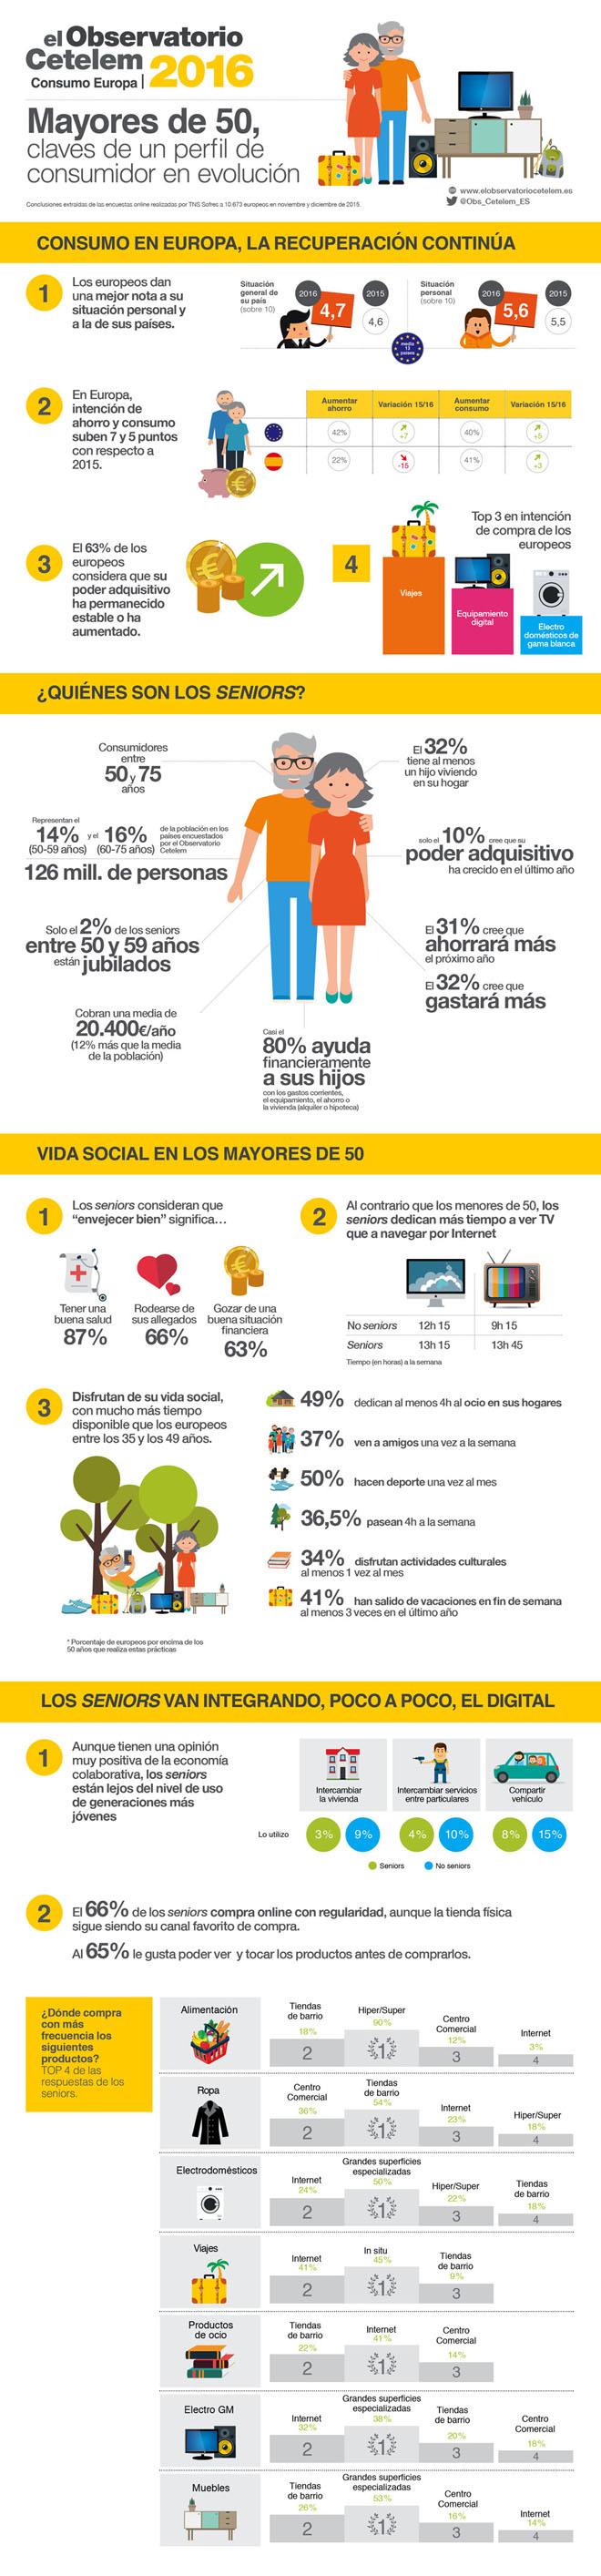 infografia-obs-cetelem-consumo-europa-blog-hostalia-hosting